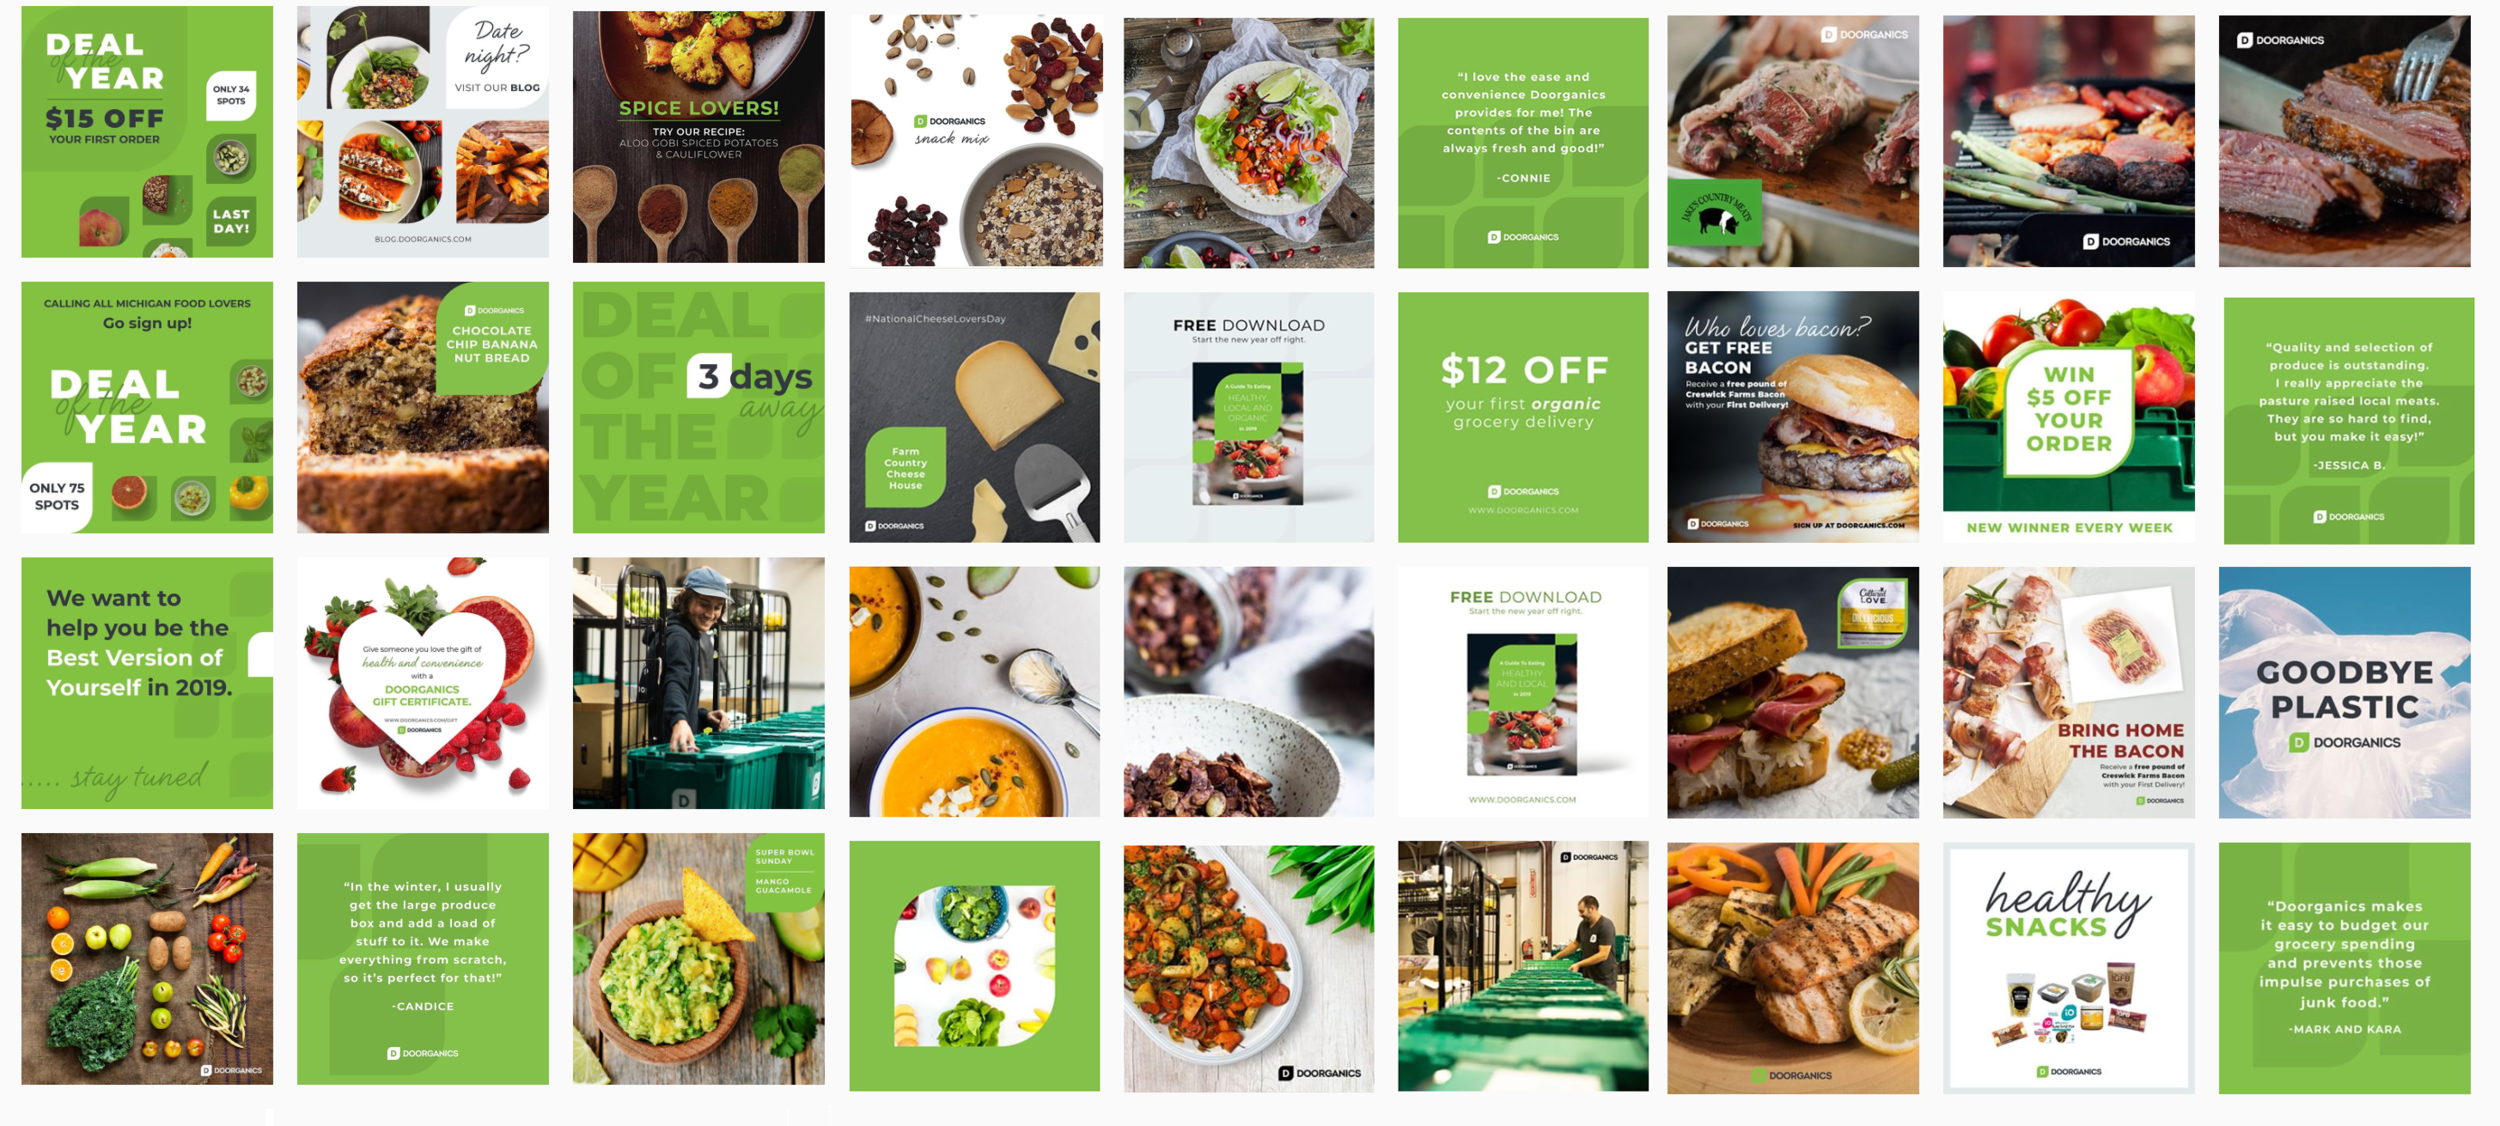 Doorganics Instagram Scheduling | Well Refined Startup Marketing Agency